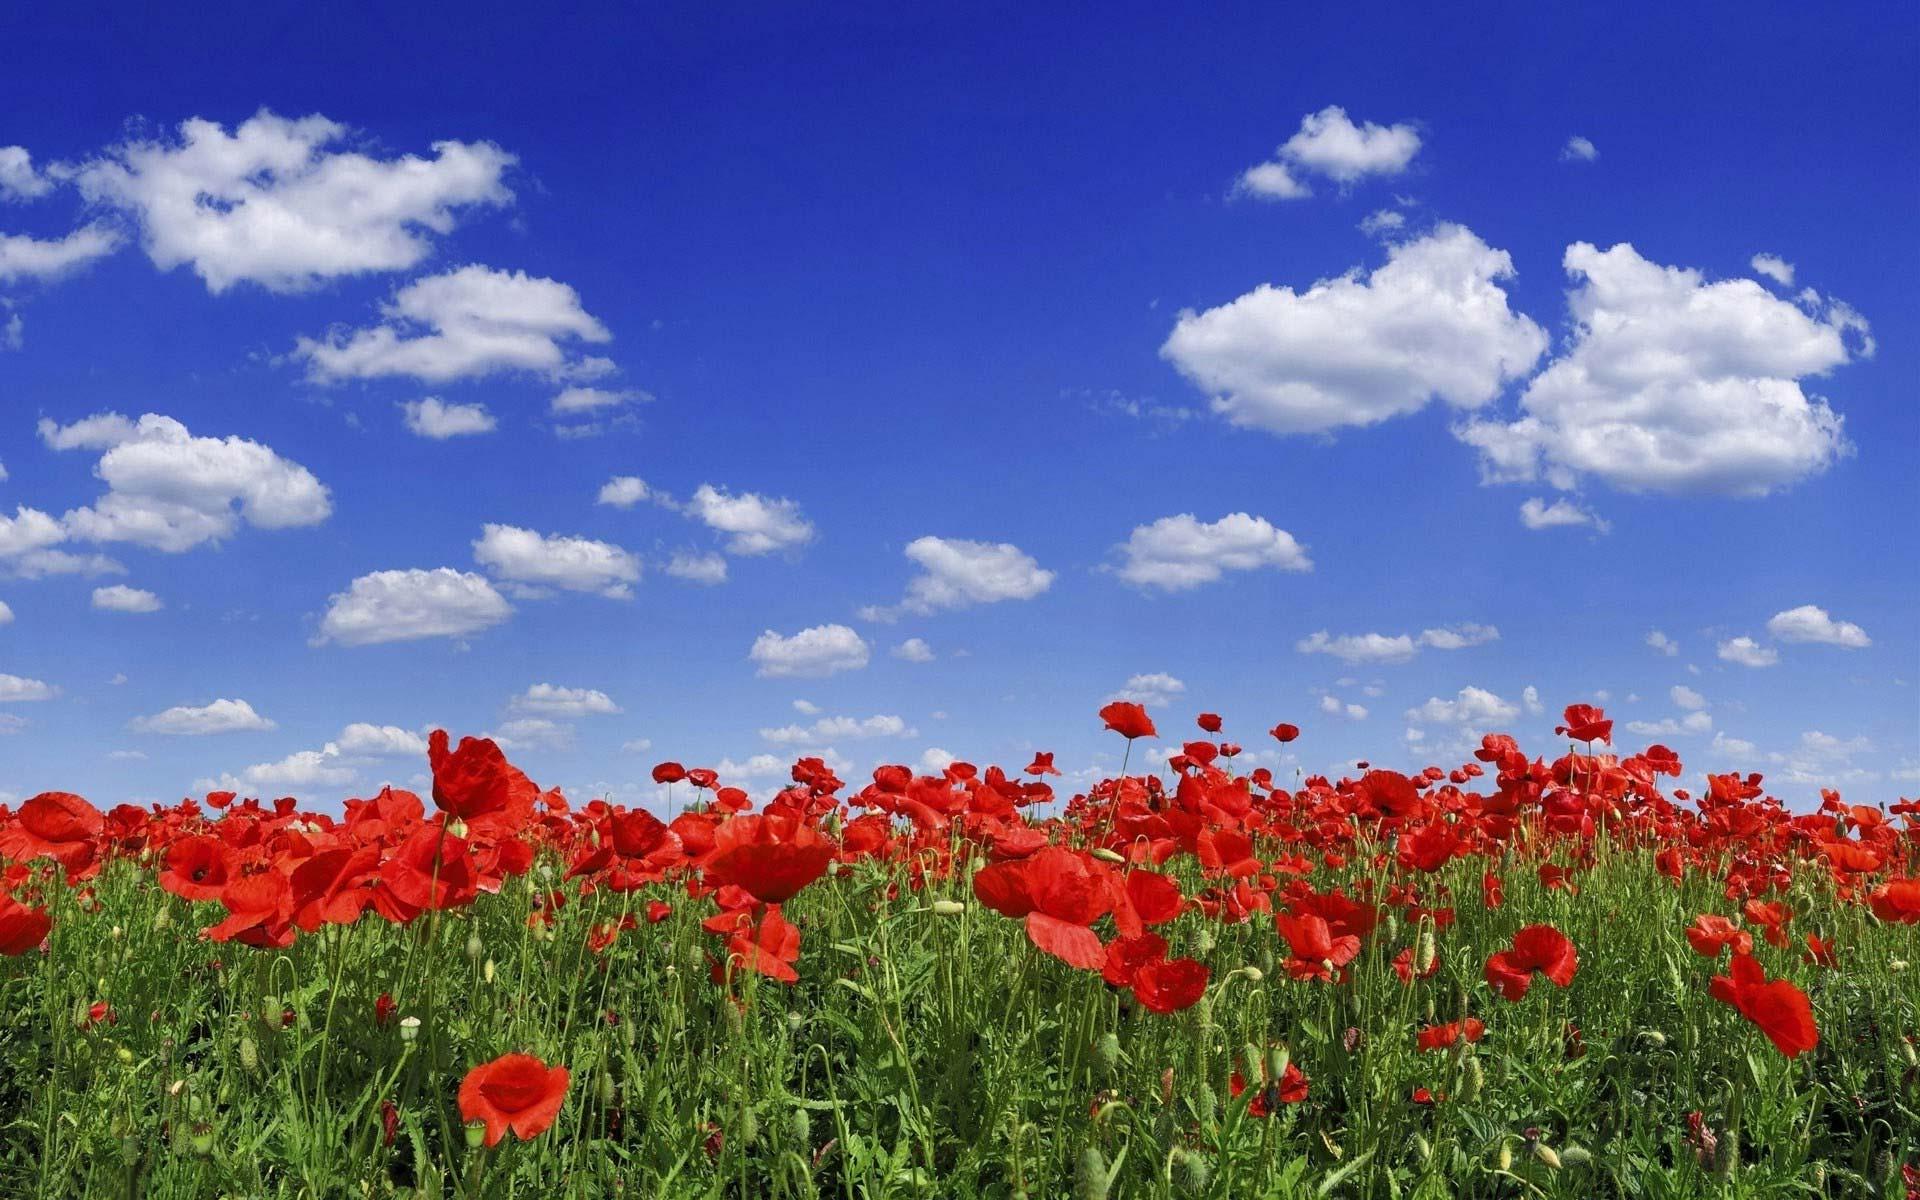 Обои маковое поле ярко красное поле